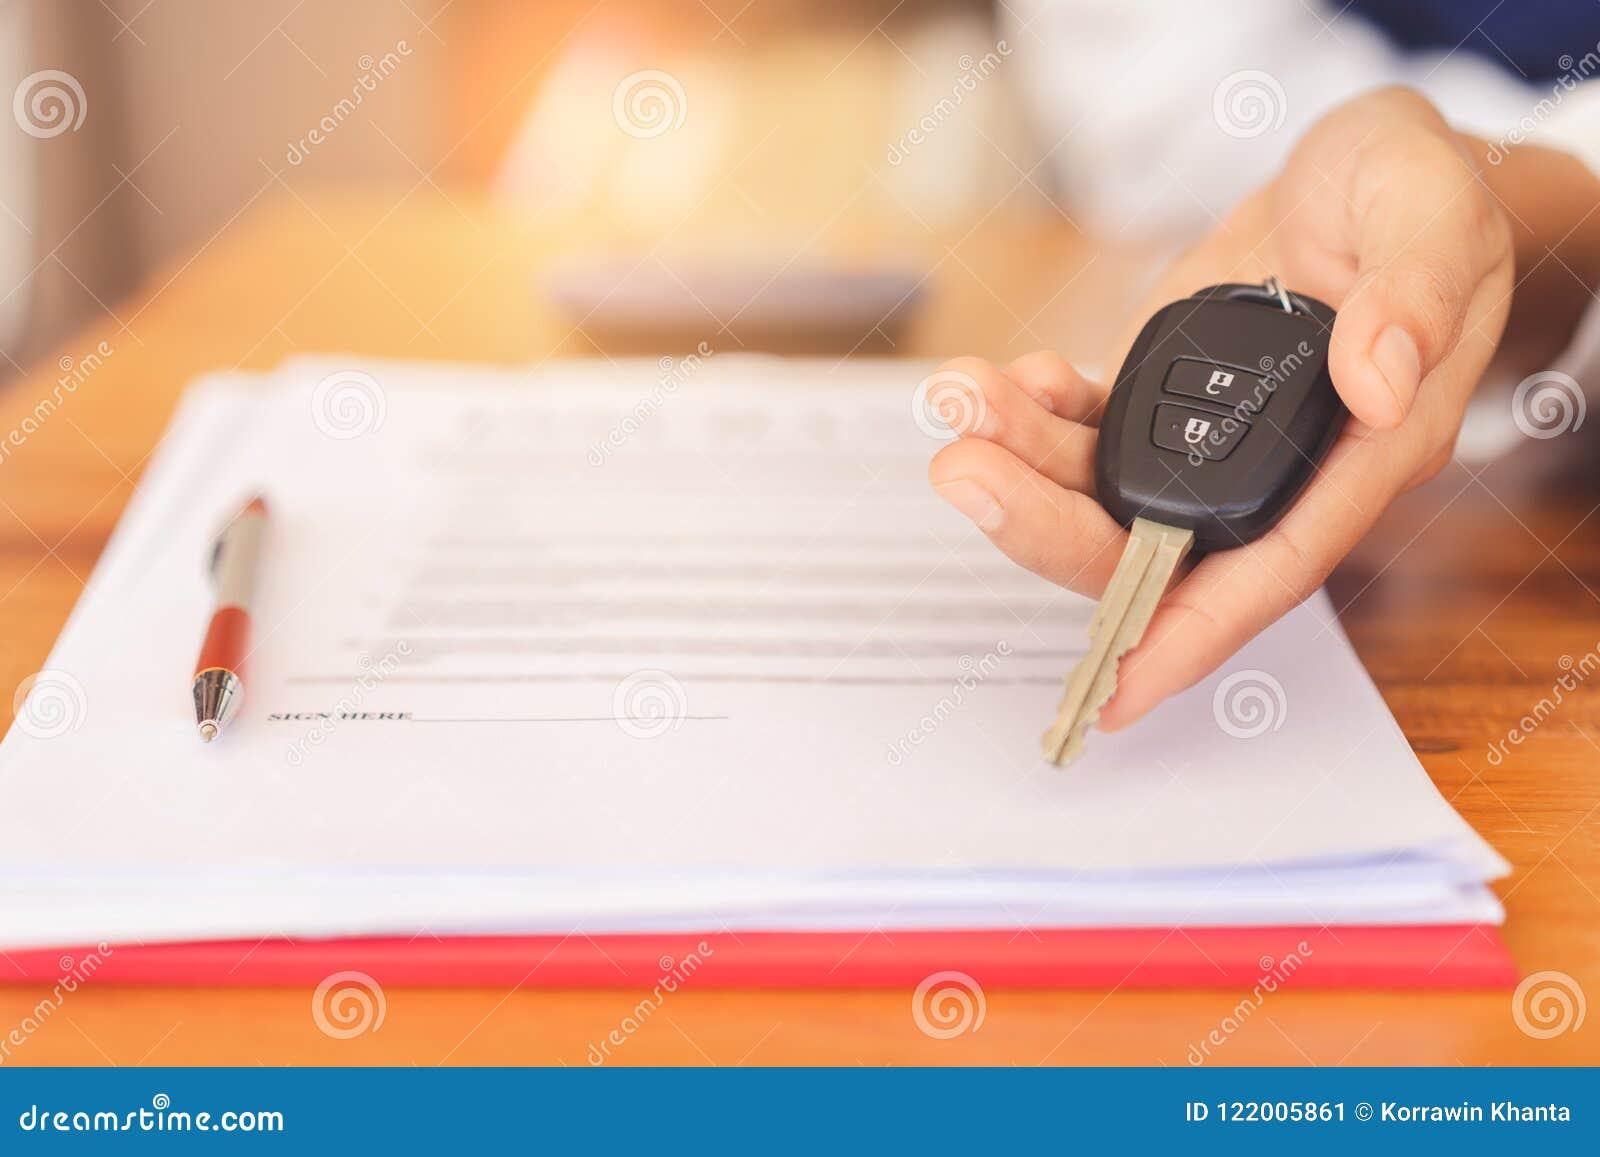 妇女递给汽车遥远的钥匙,在签字的合同约定和成功的成交后